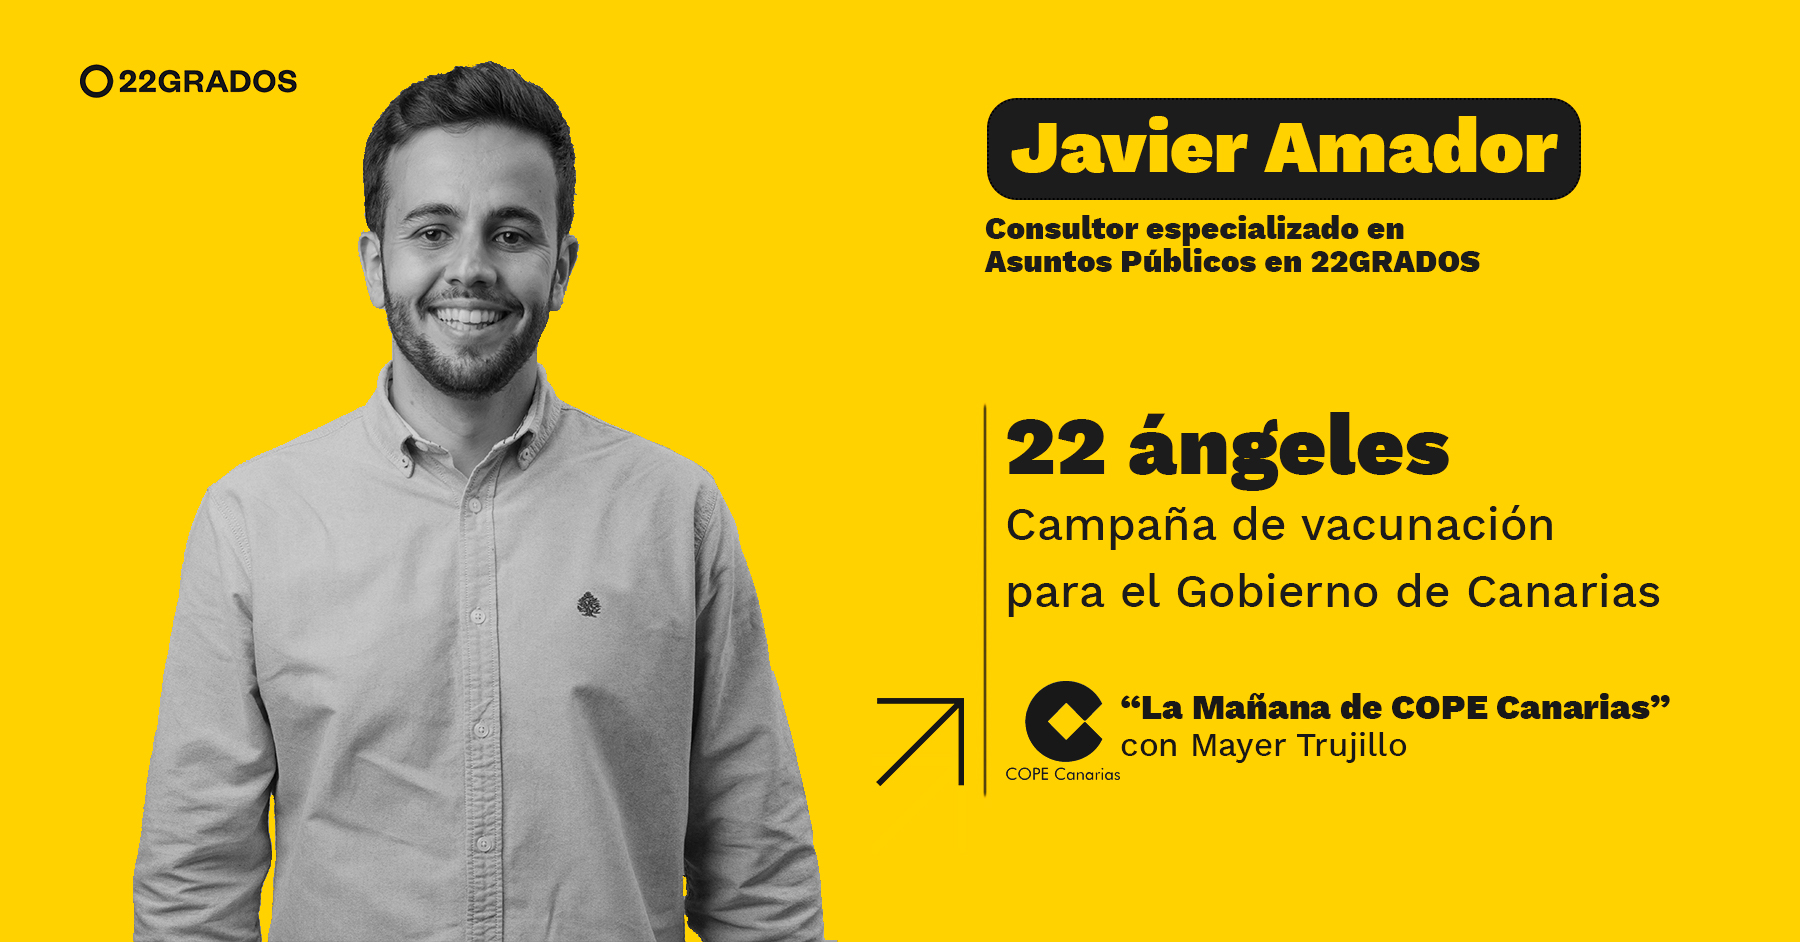 22 Ángeles, una campaña de vacunación para emocionar y movilizar